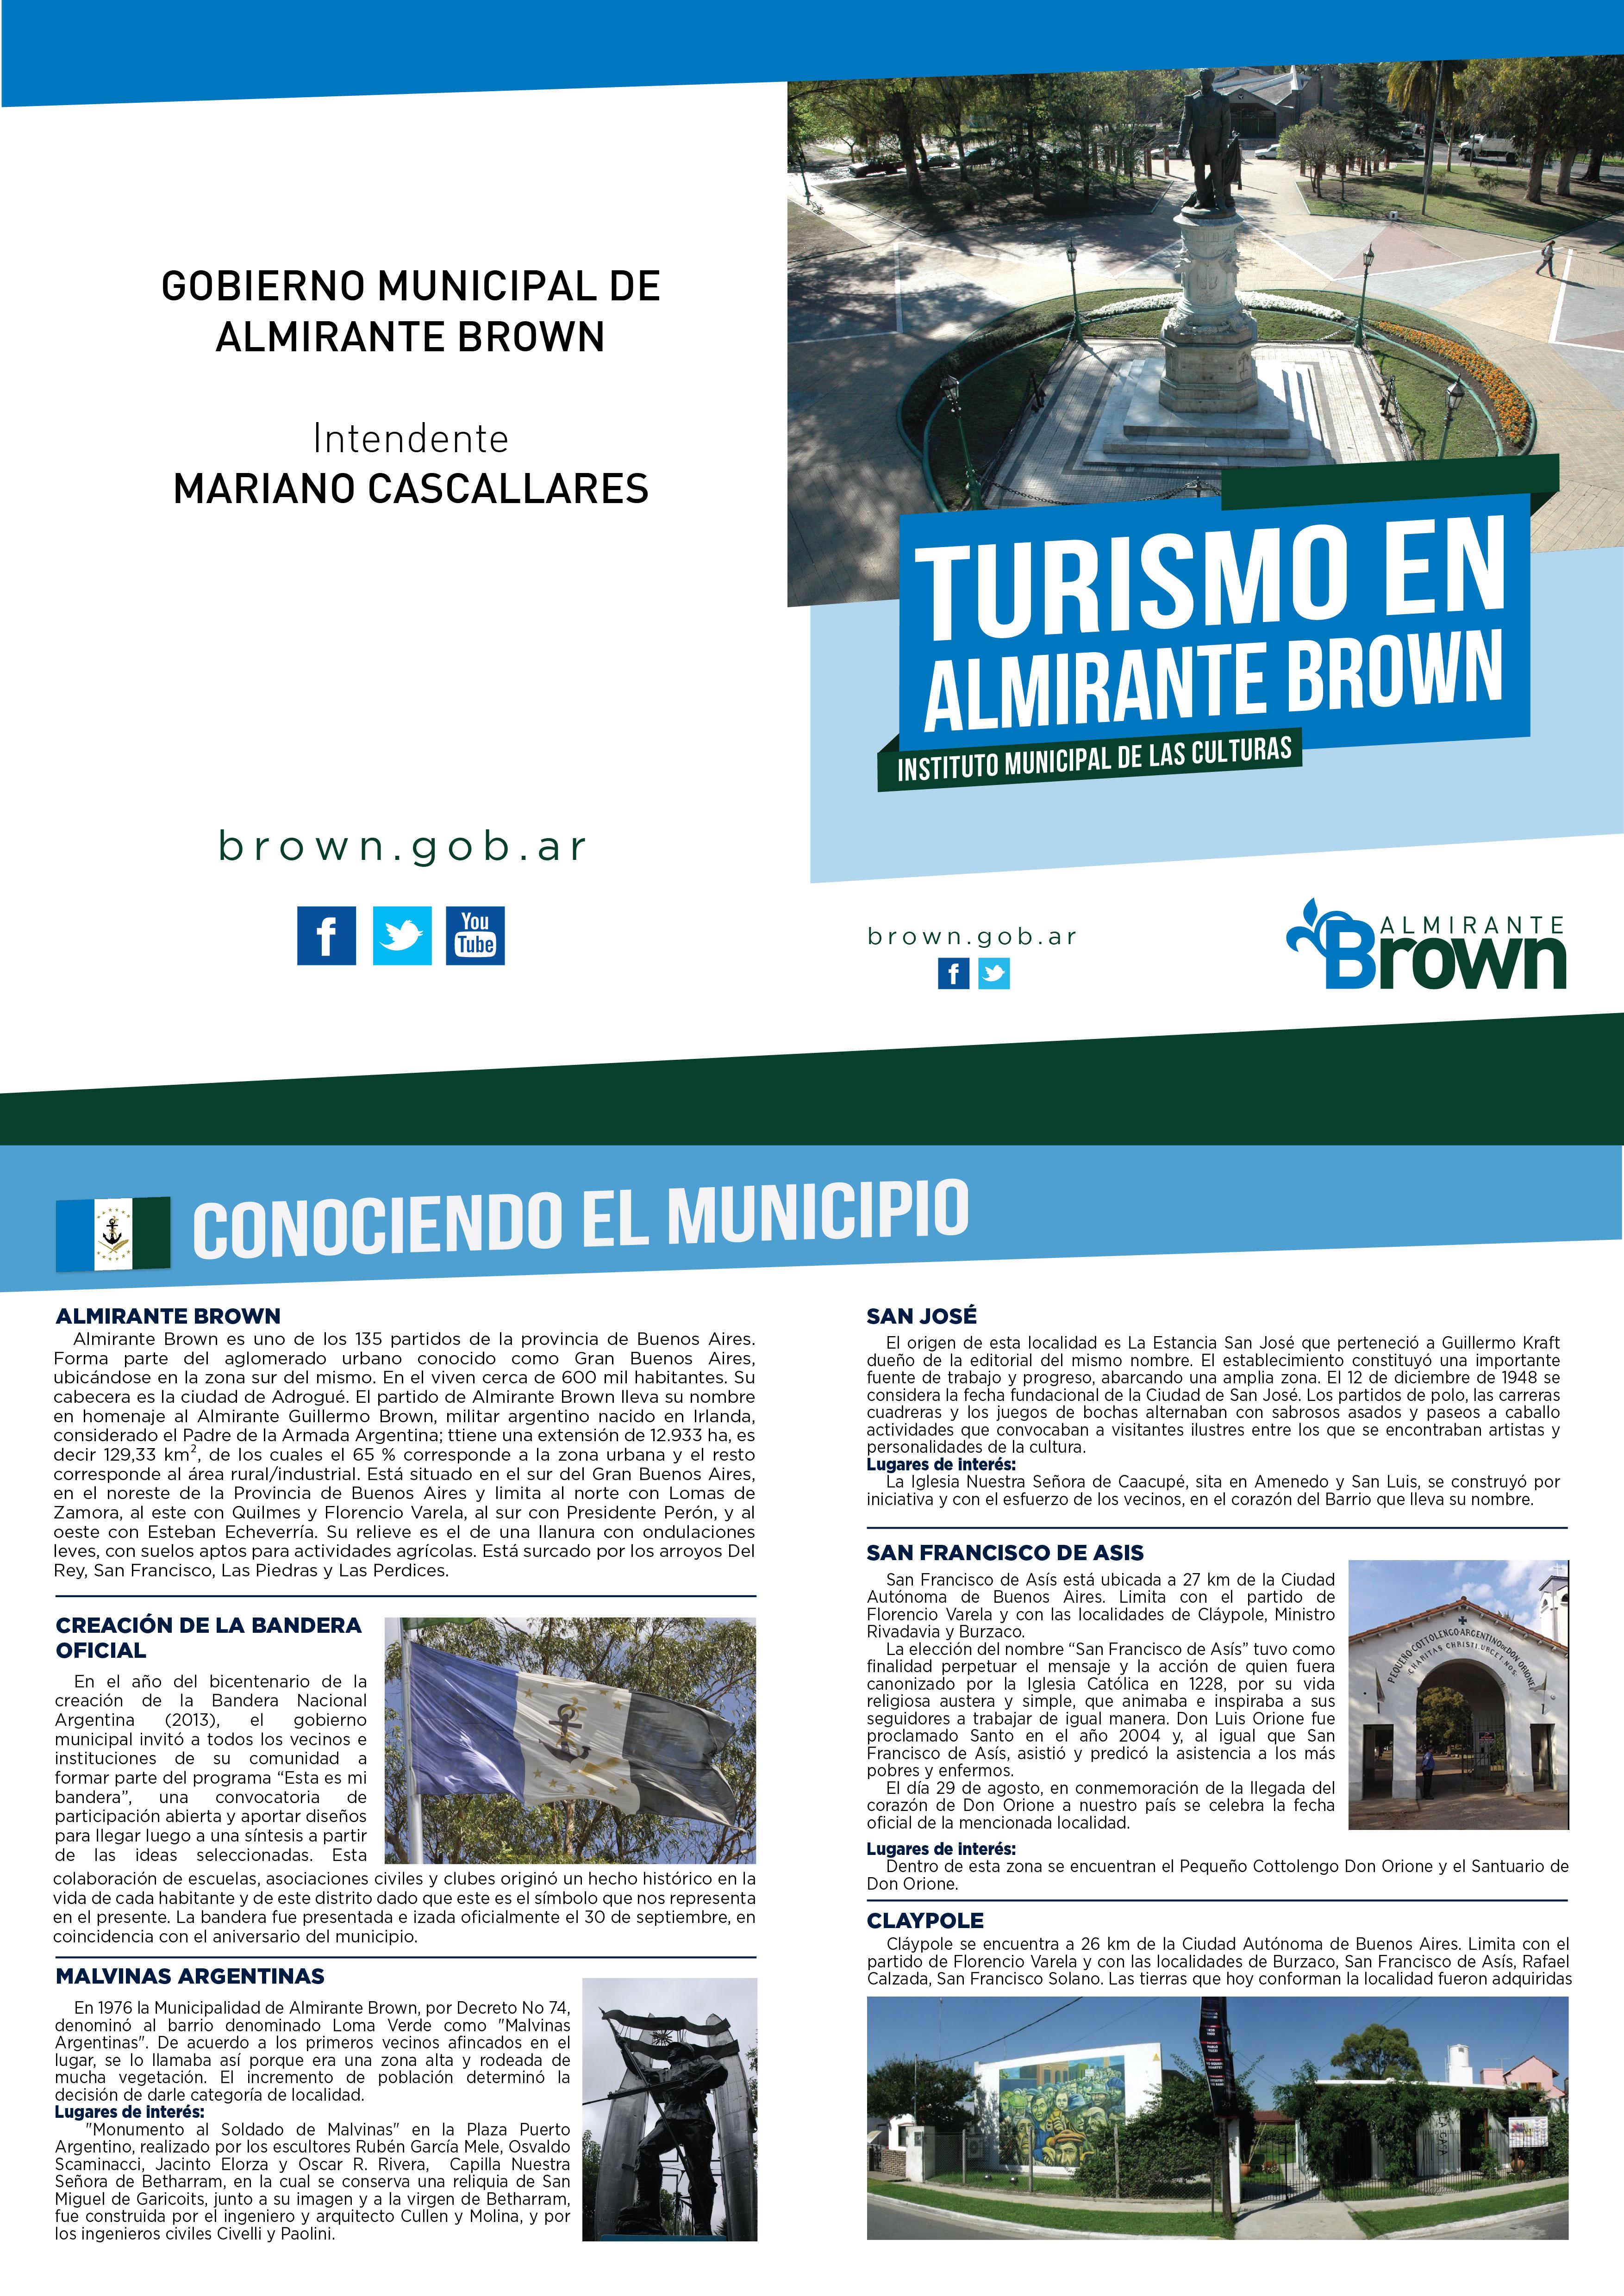 Turismo en Almirante Brown